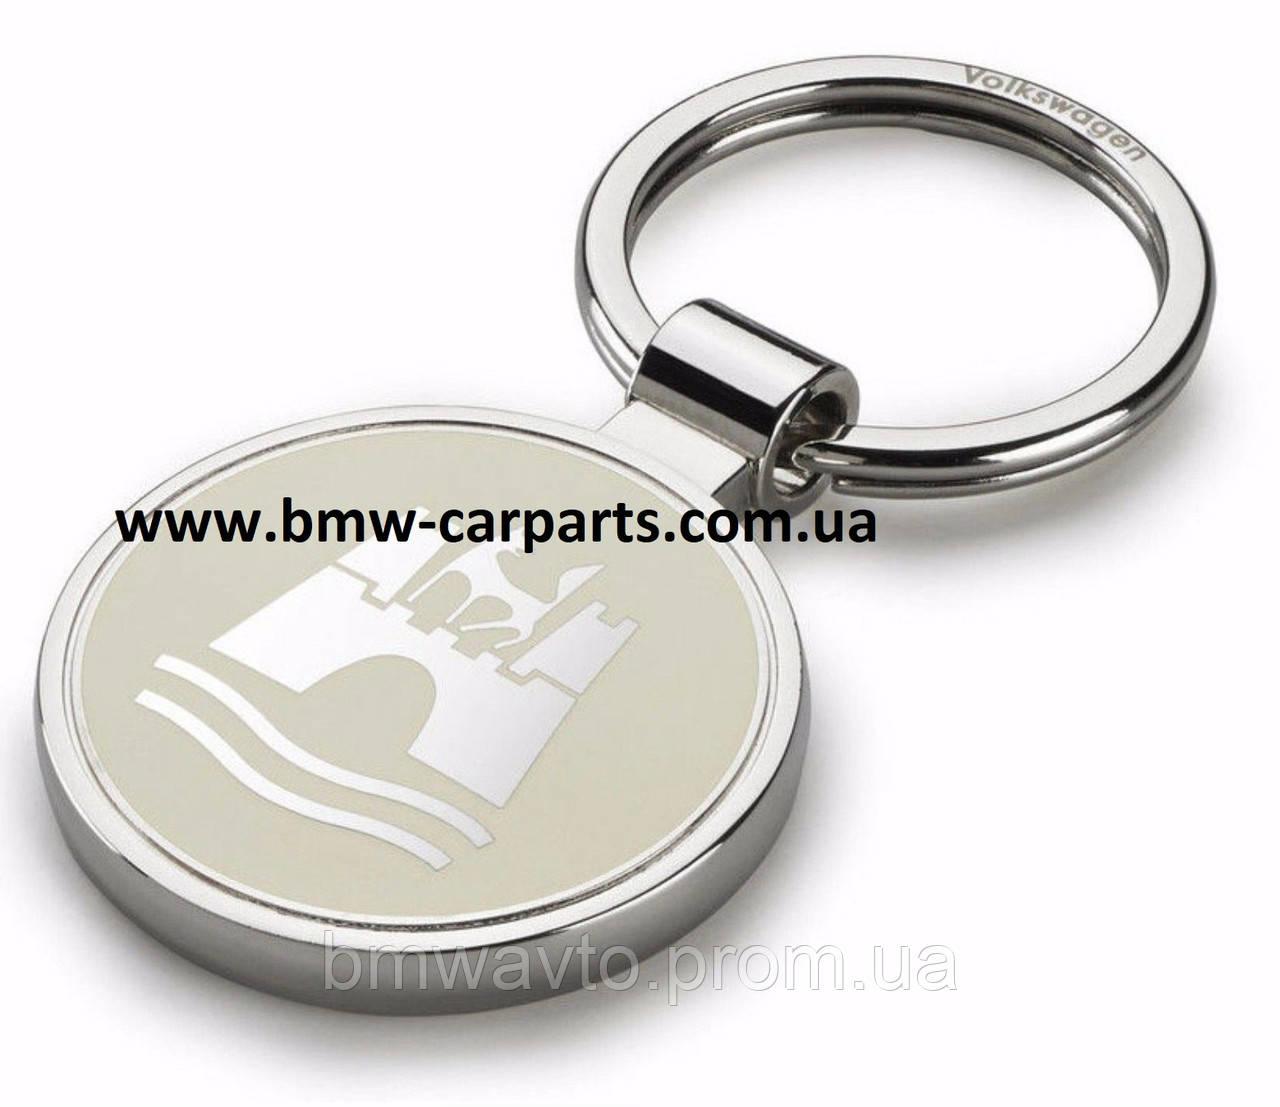 Брелок для ключей Volkswagen Wolfsburg Edition Key Tag